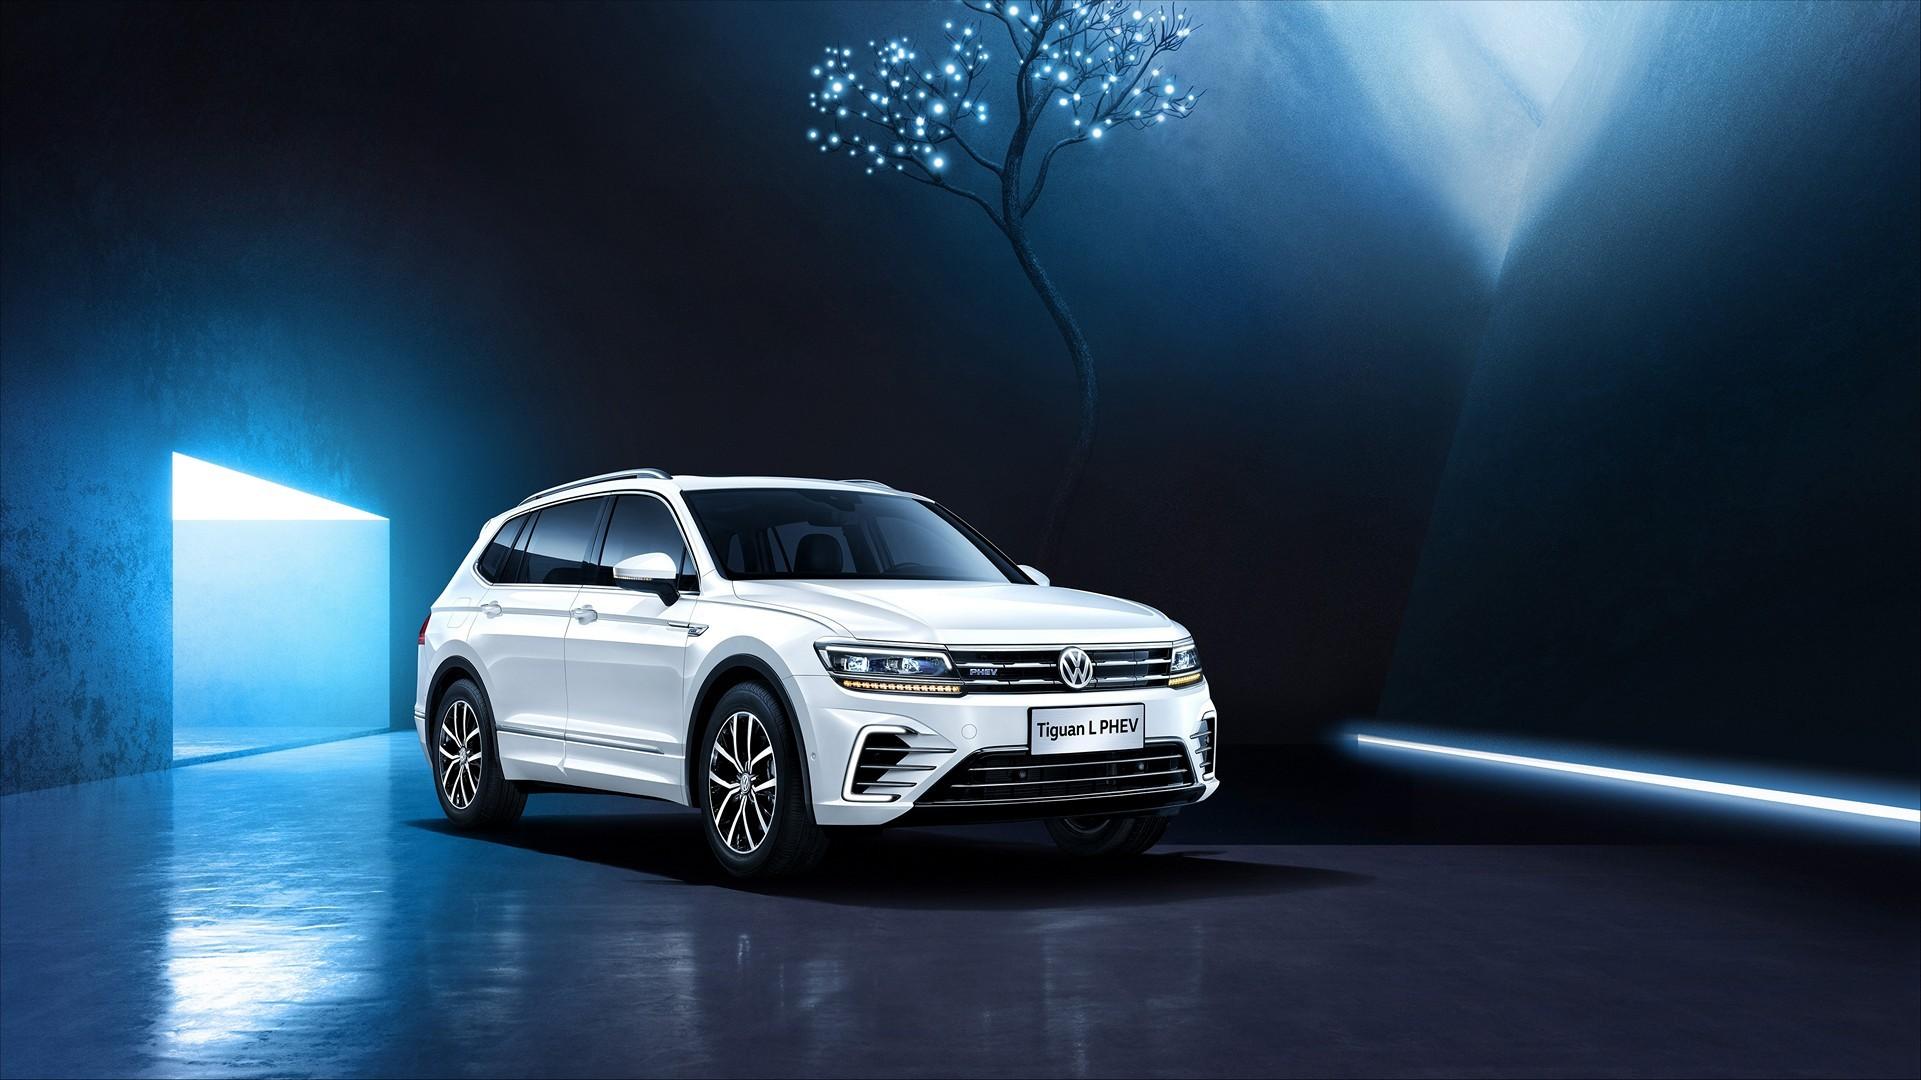 Volkswagen_Tiguan_PHEV_0007